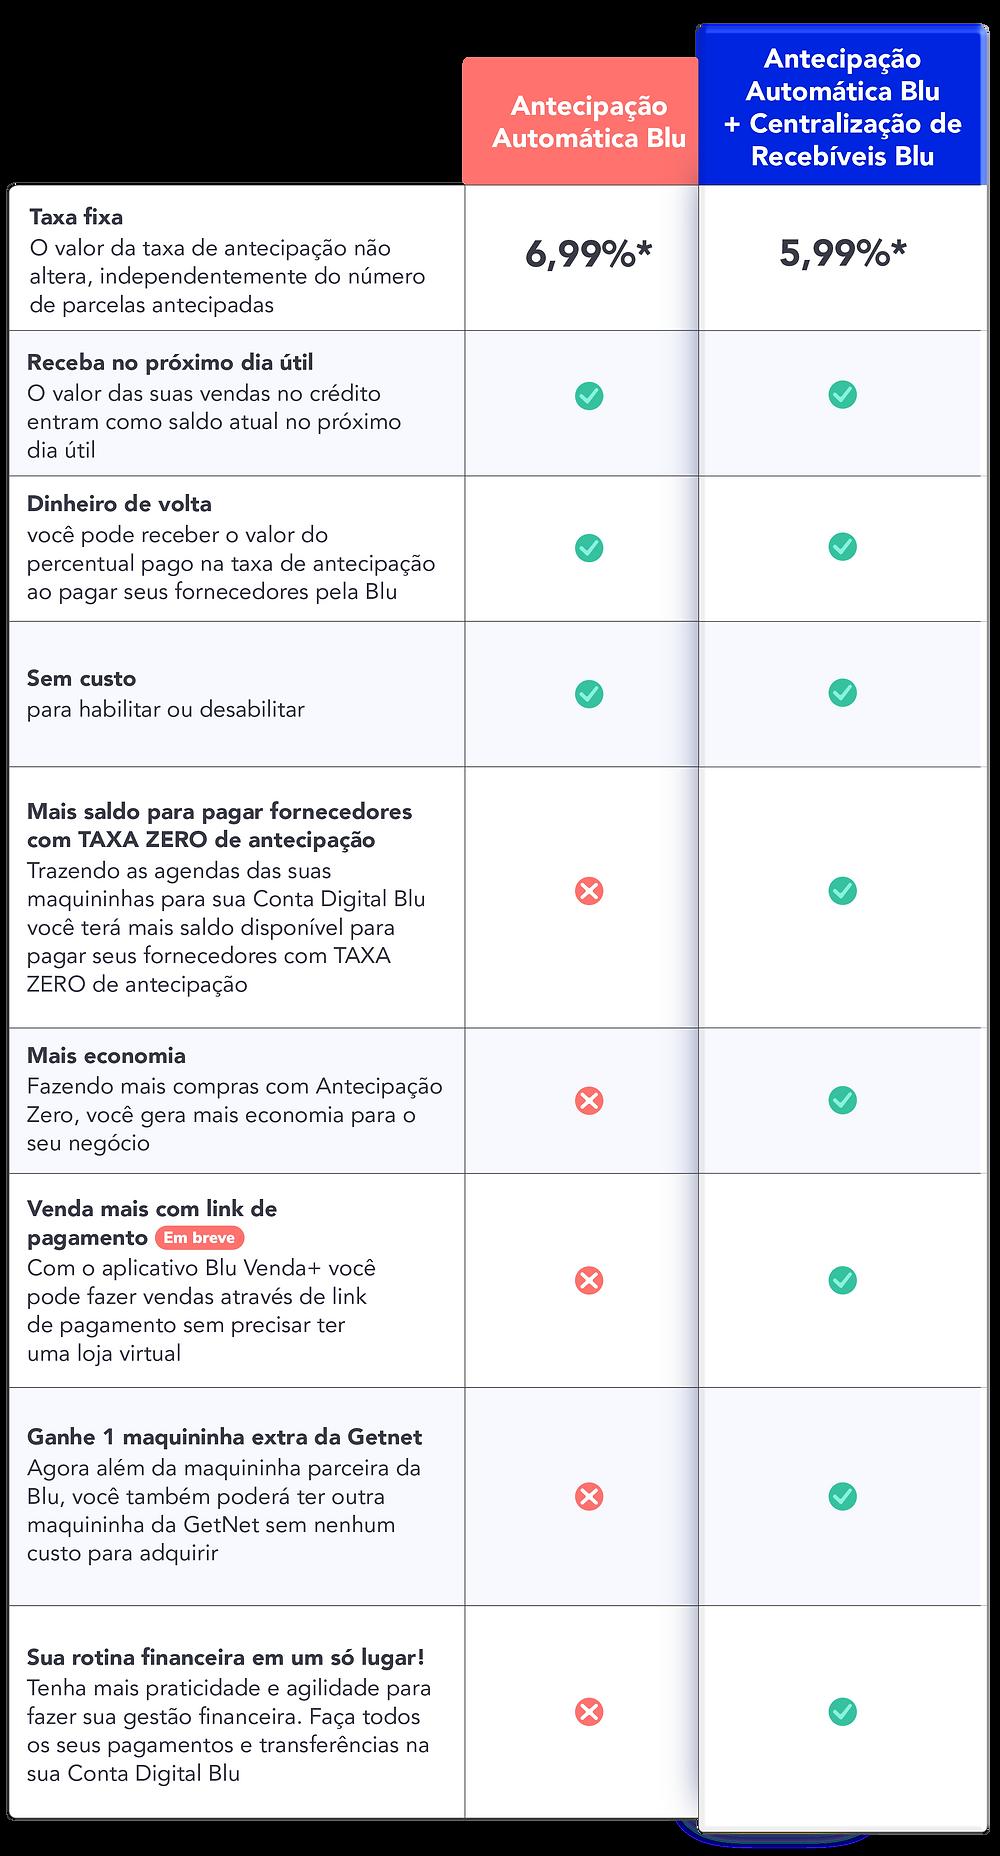 Tabela comparativa da Antecipaçao Automática Blu e Antecipação automática Blu + Centralização de Recebíveis Blu